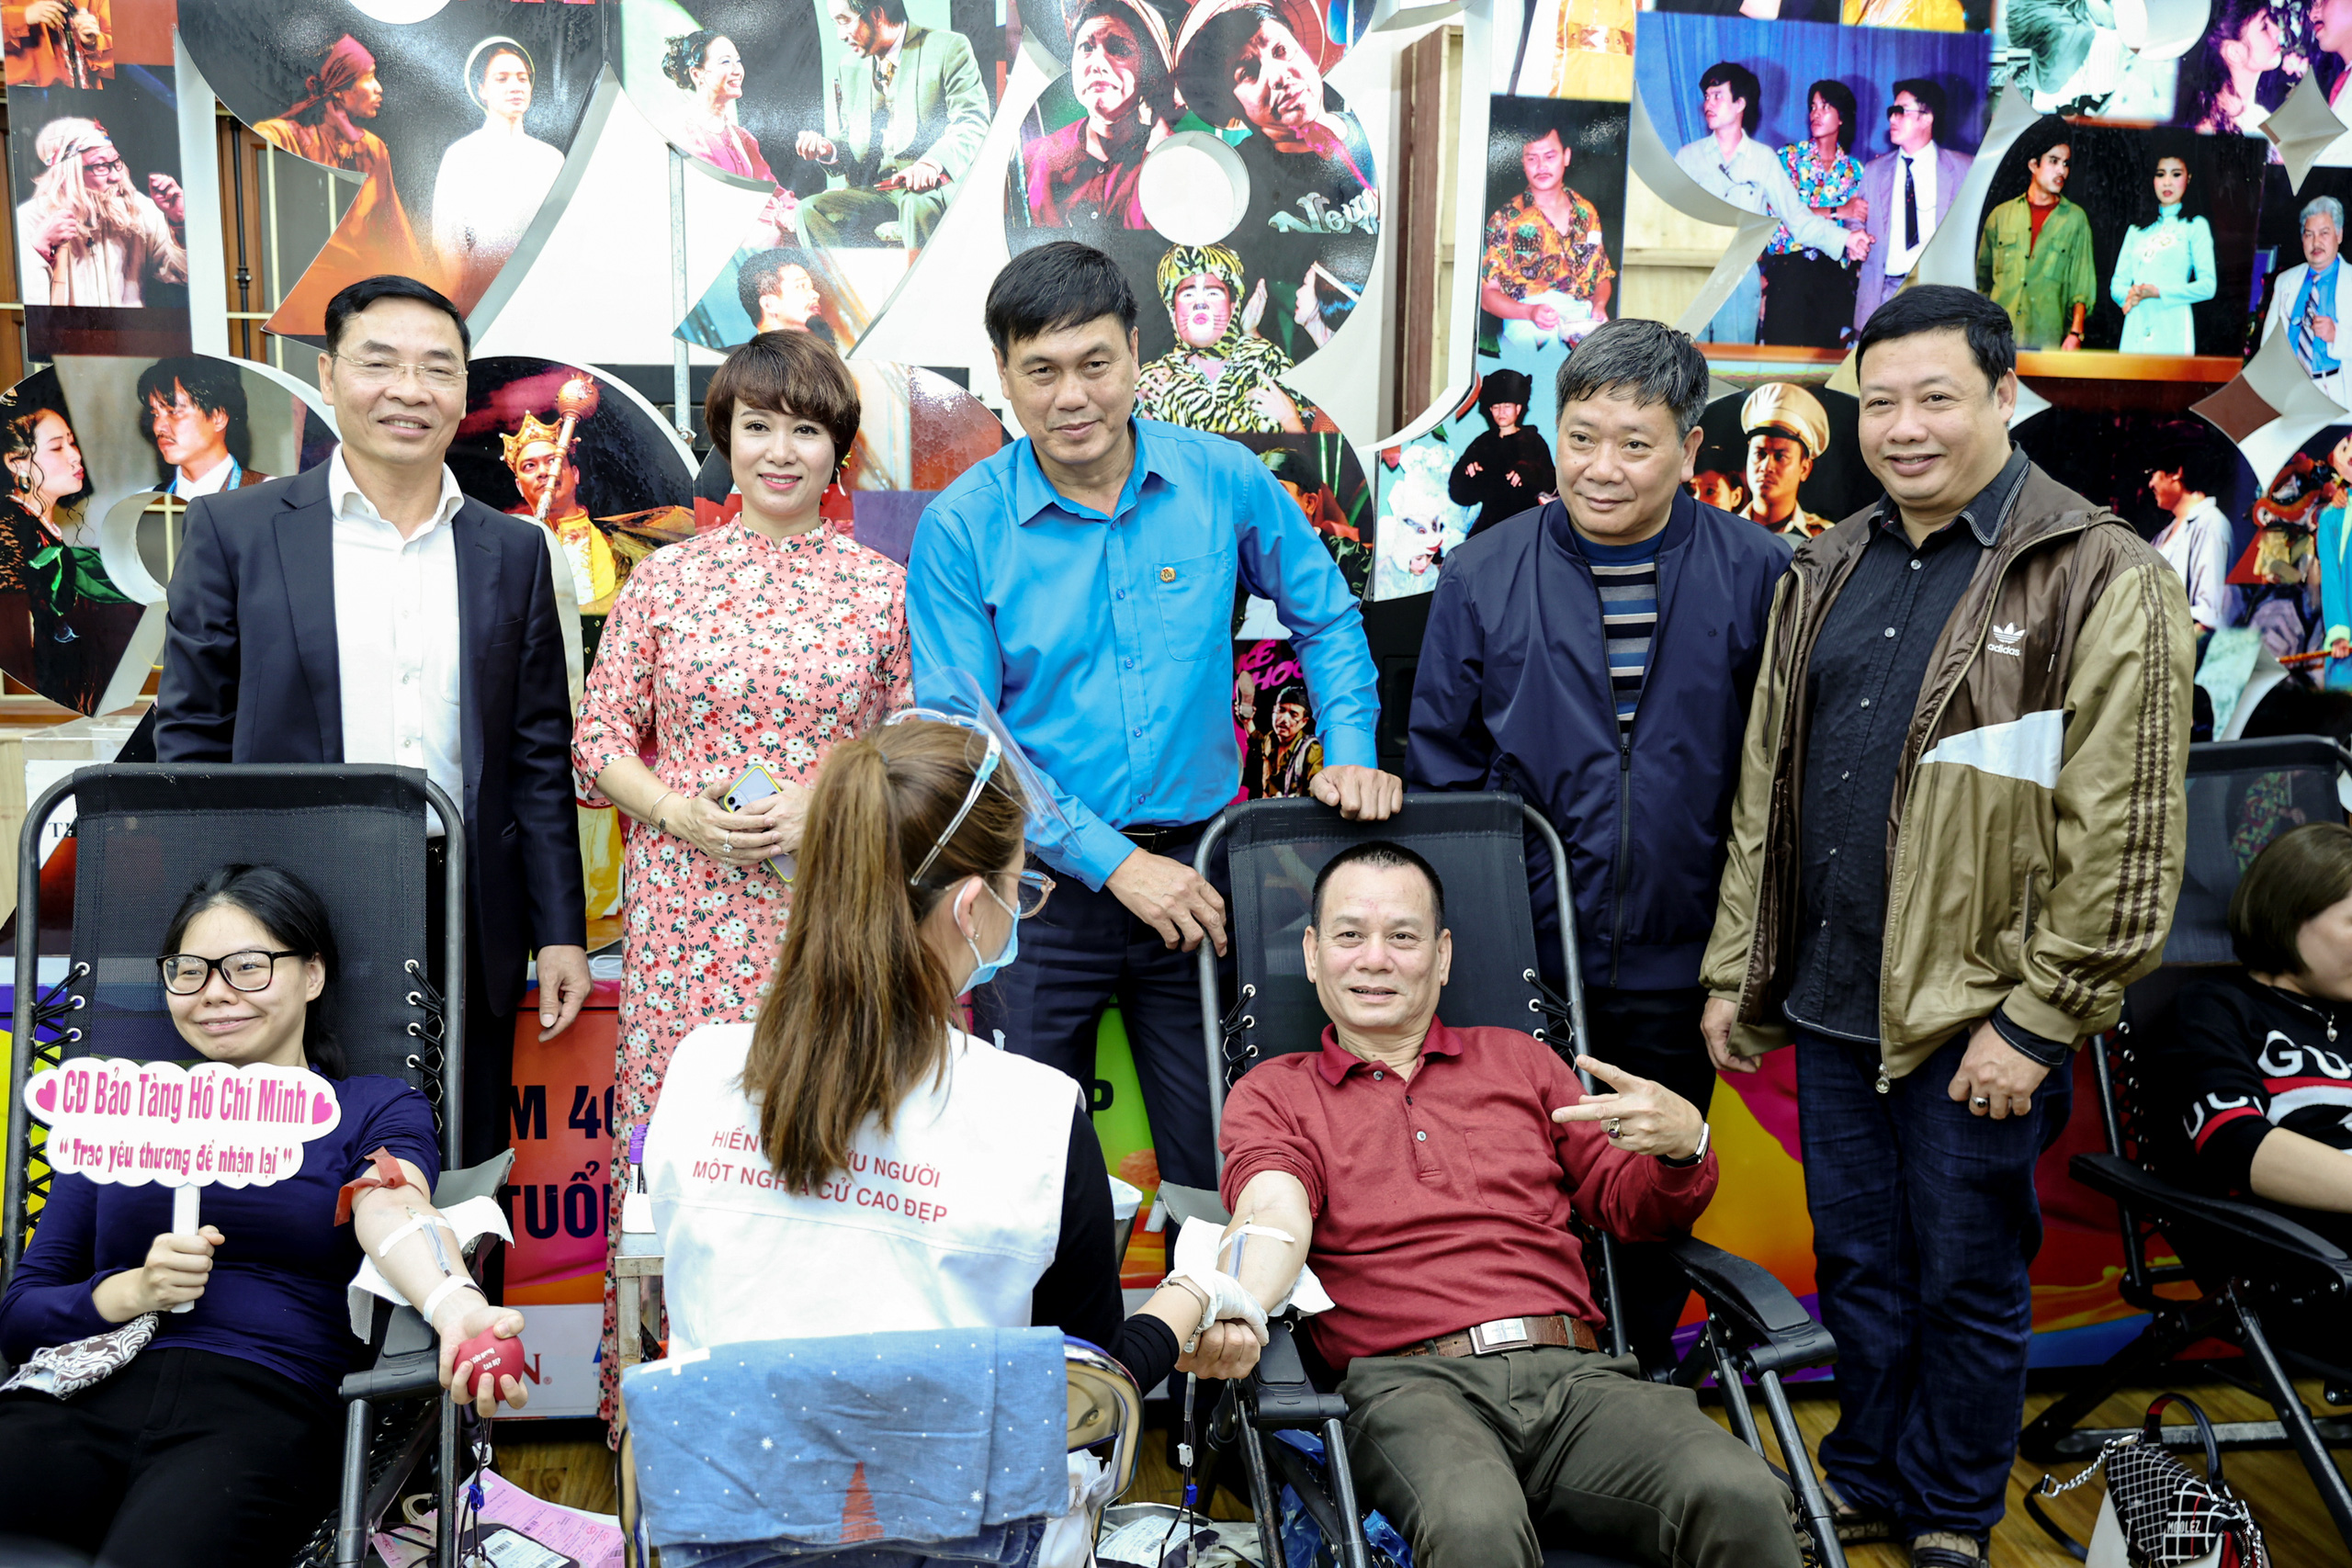 """Đông đảo các nghệ sĩ Việt tham gia hiến máu với thông điệp ý nghĩa """"Trao yêu thương để nhận lại"""". - Ảnh 3."""